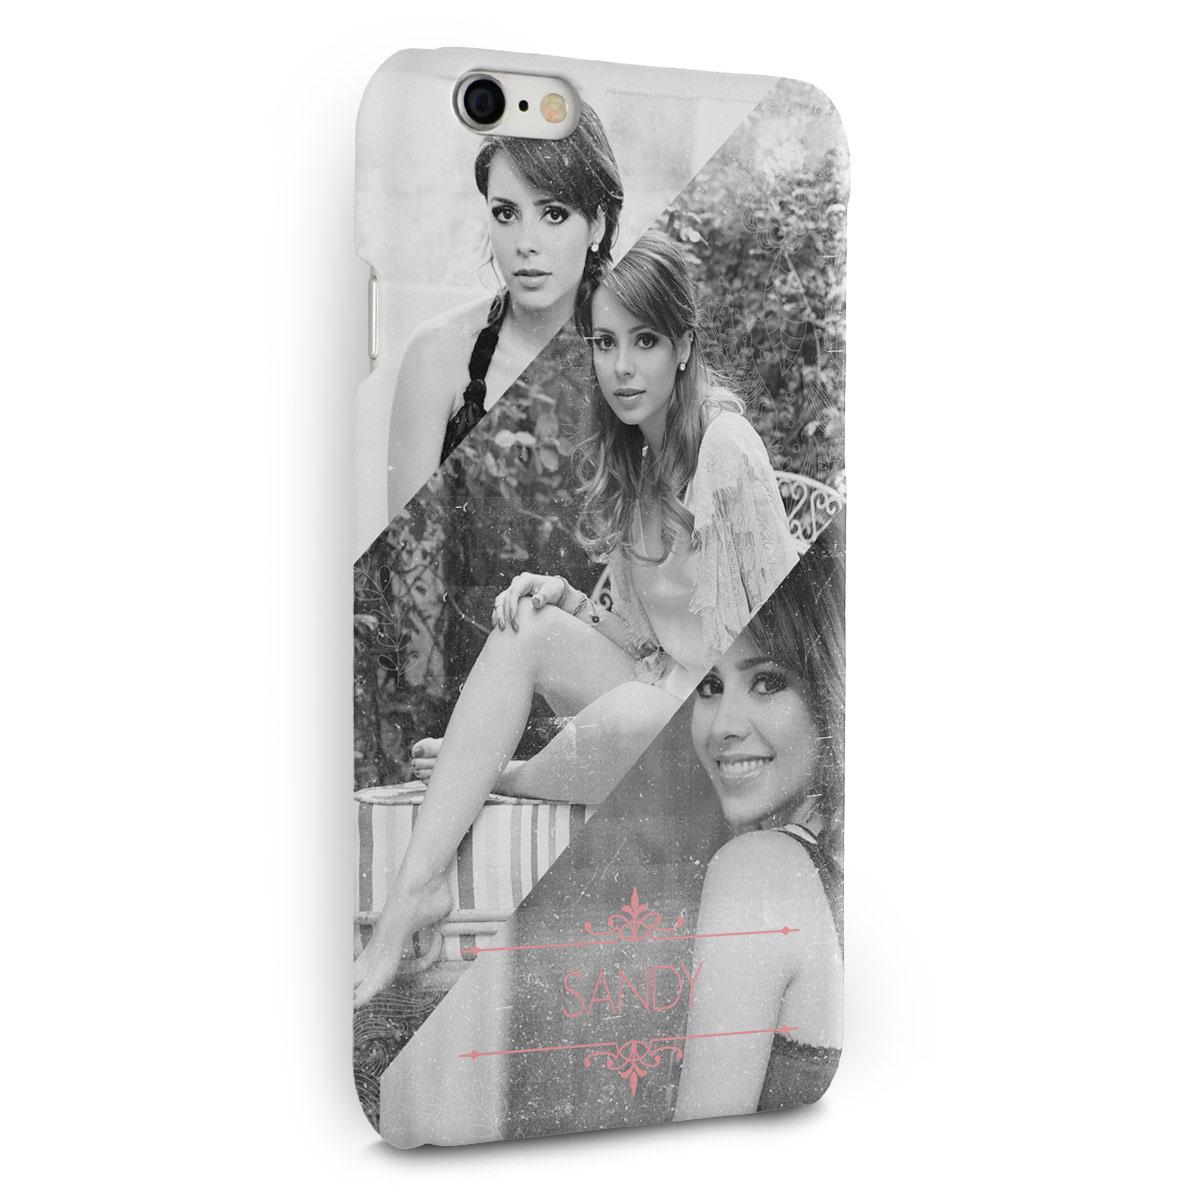 Capa para iPhone 6/6S Plus Sandy Pictures